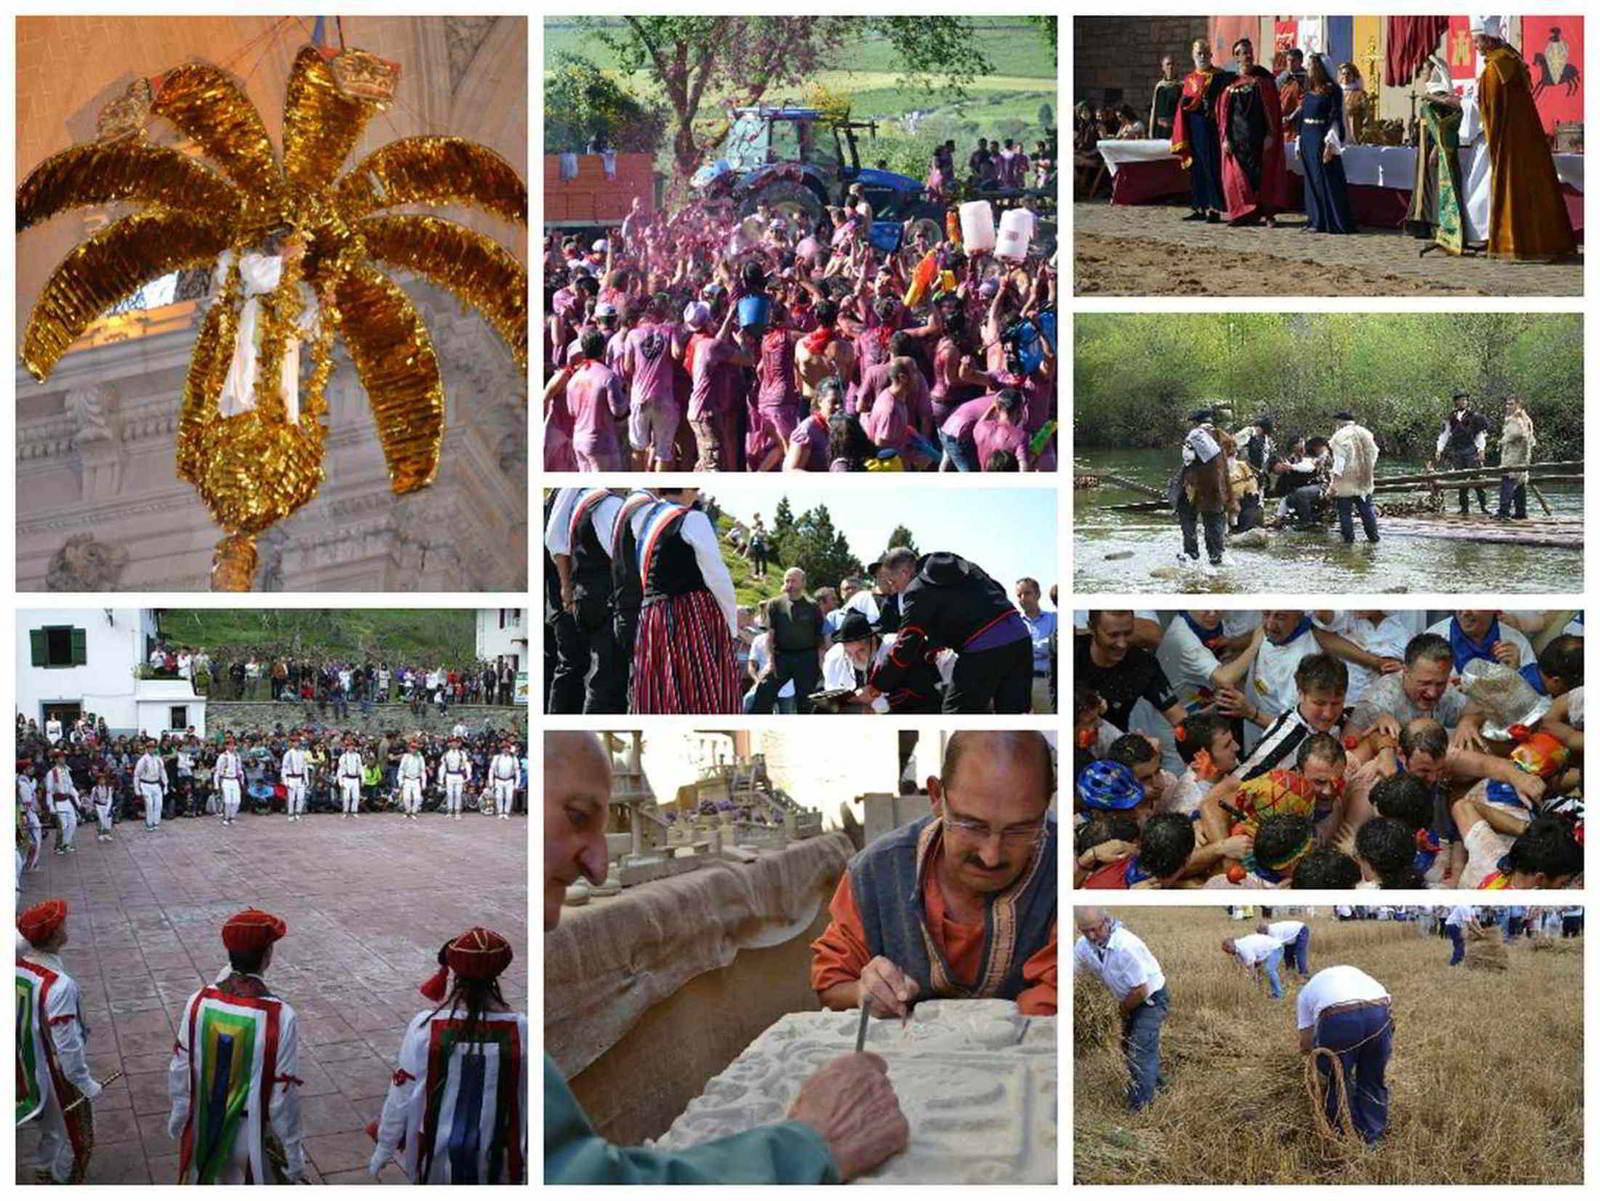 Una fiesta de los oficios, una fiesta medieval y una tradición singular  en 3 videos